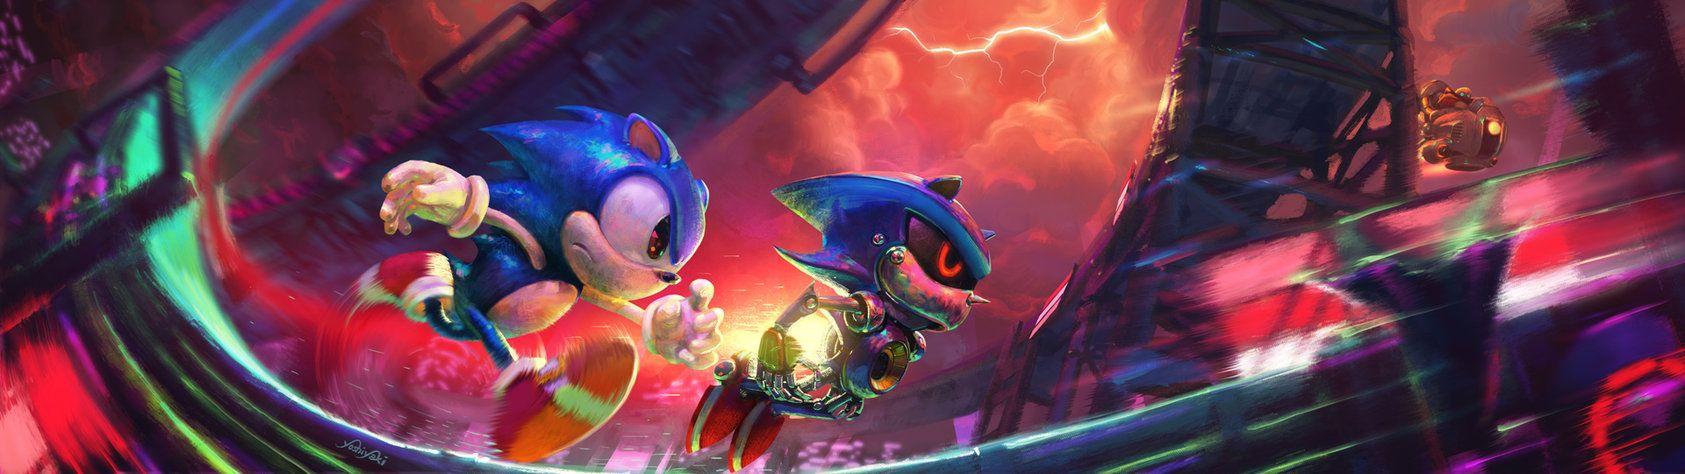 Pin On Metal Sonic 7u7